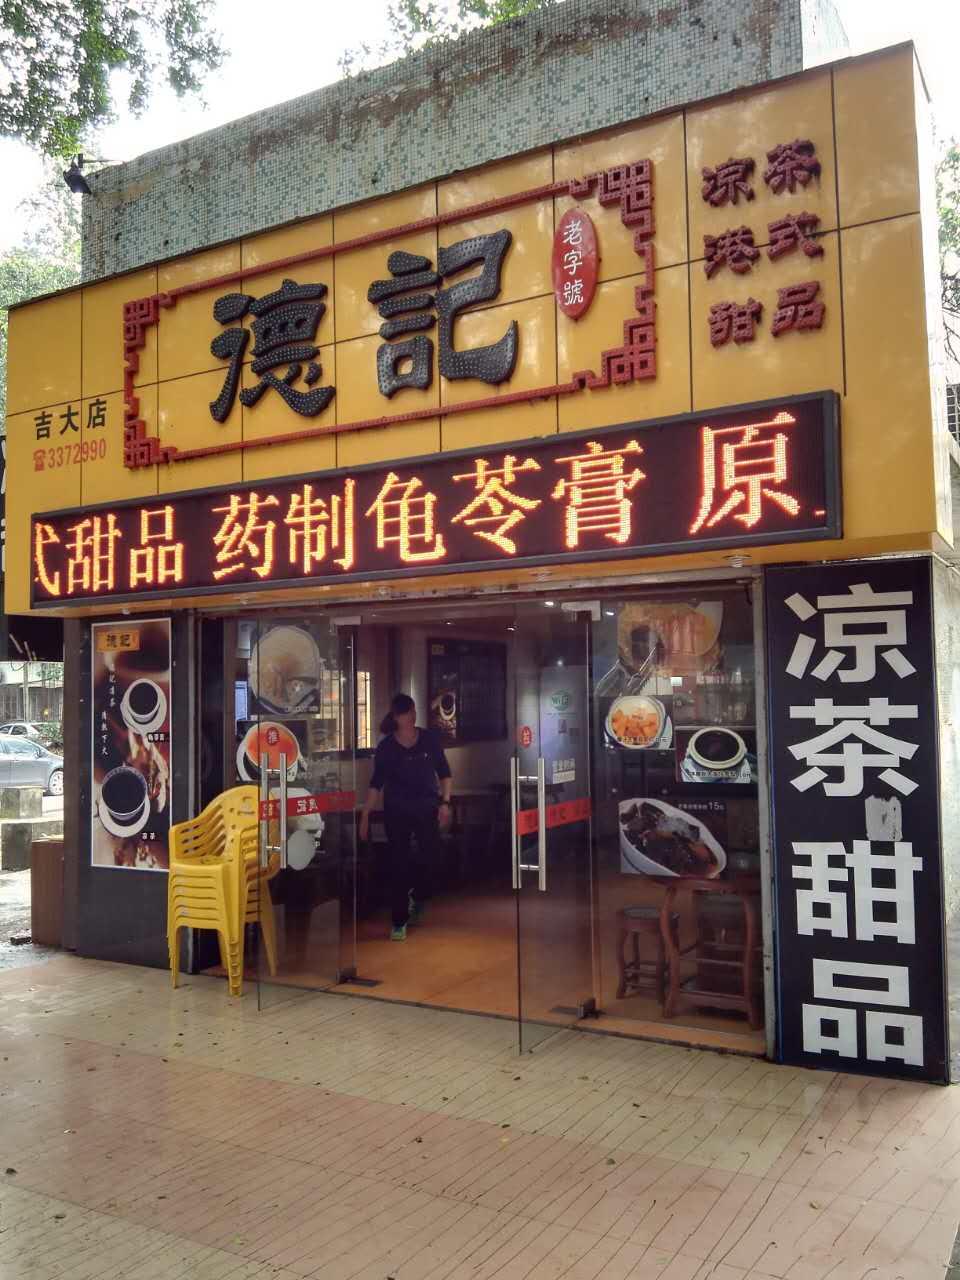 德记凉茶甜品店(图形店)对齐园林时如何绘制图片